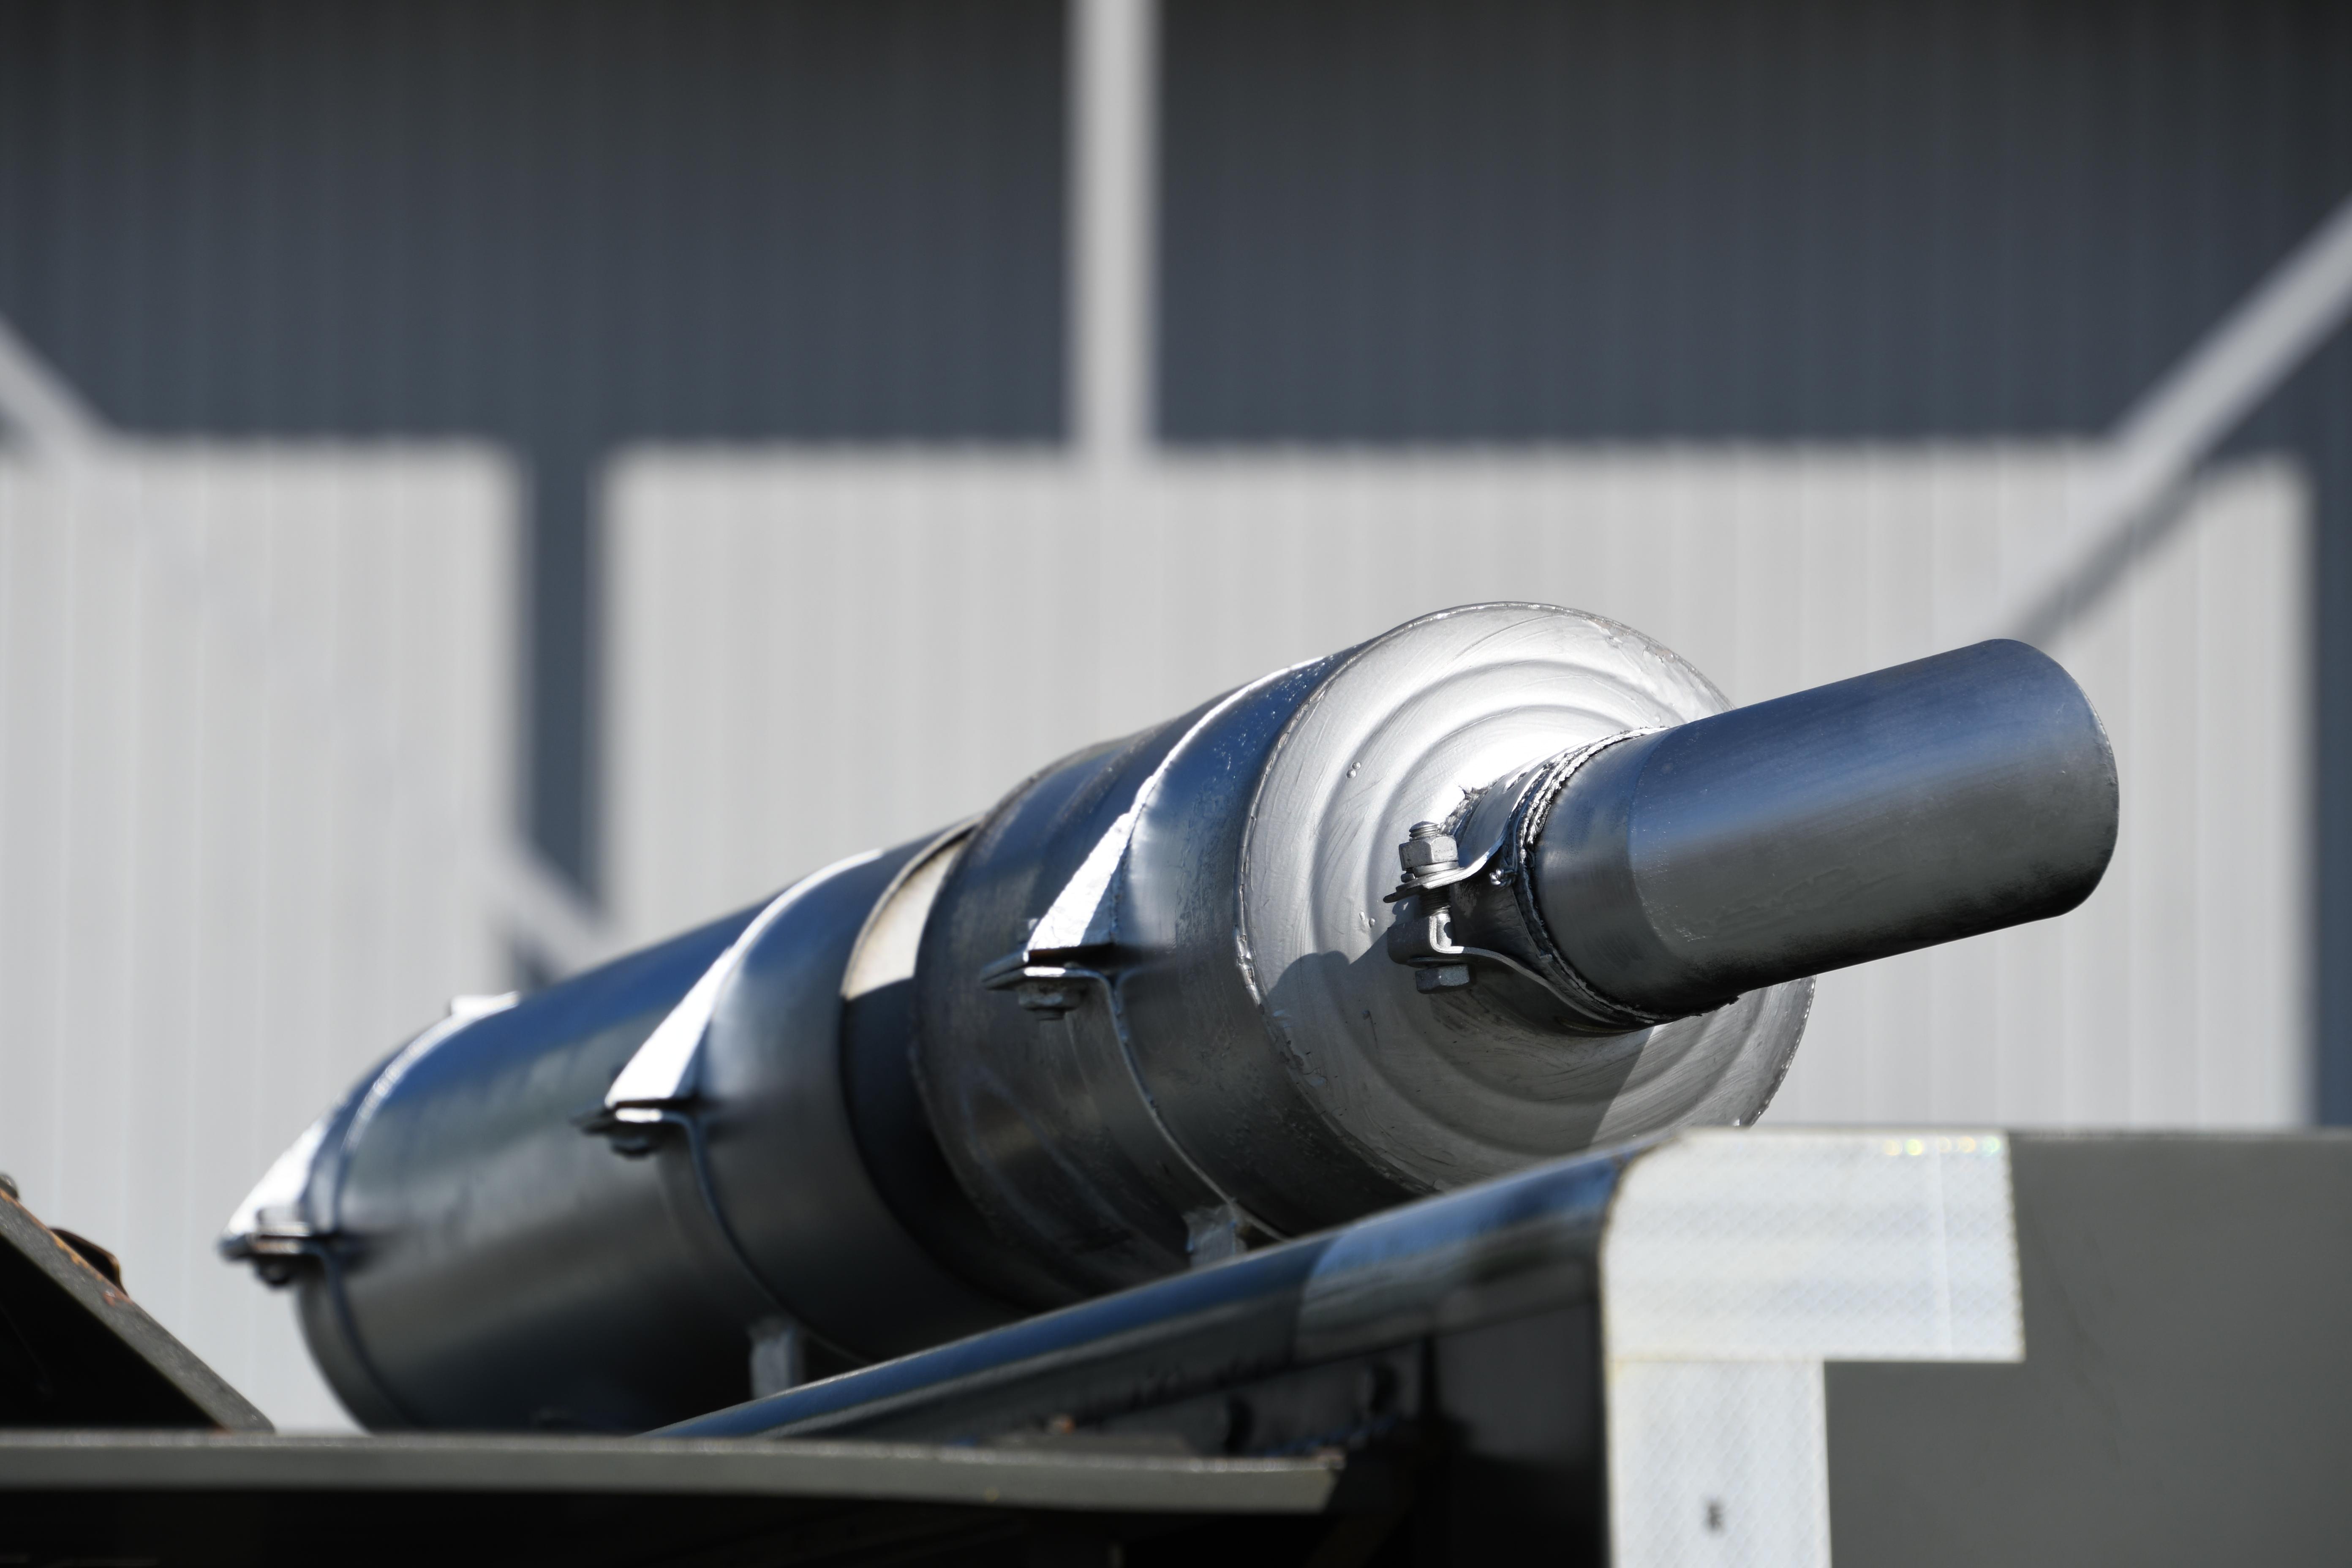 file jasdf ae 1 generator truck hino dutro no 4388 exhaust pipe at komaki air base november 9 2019 jpg wikimedia commons